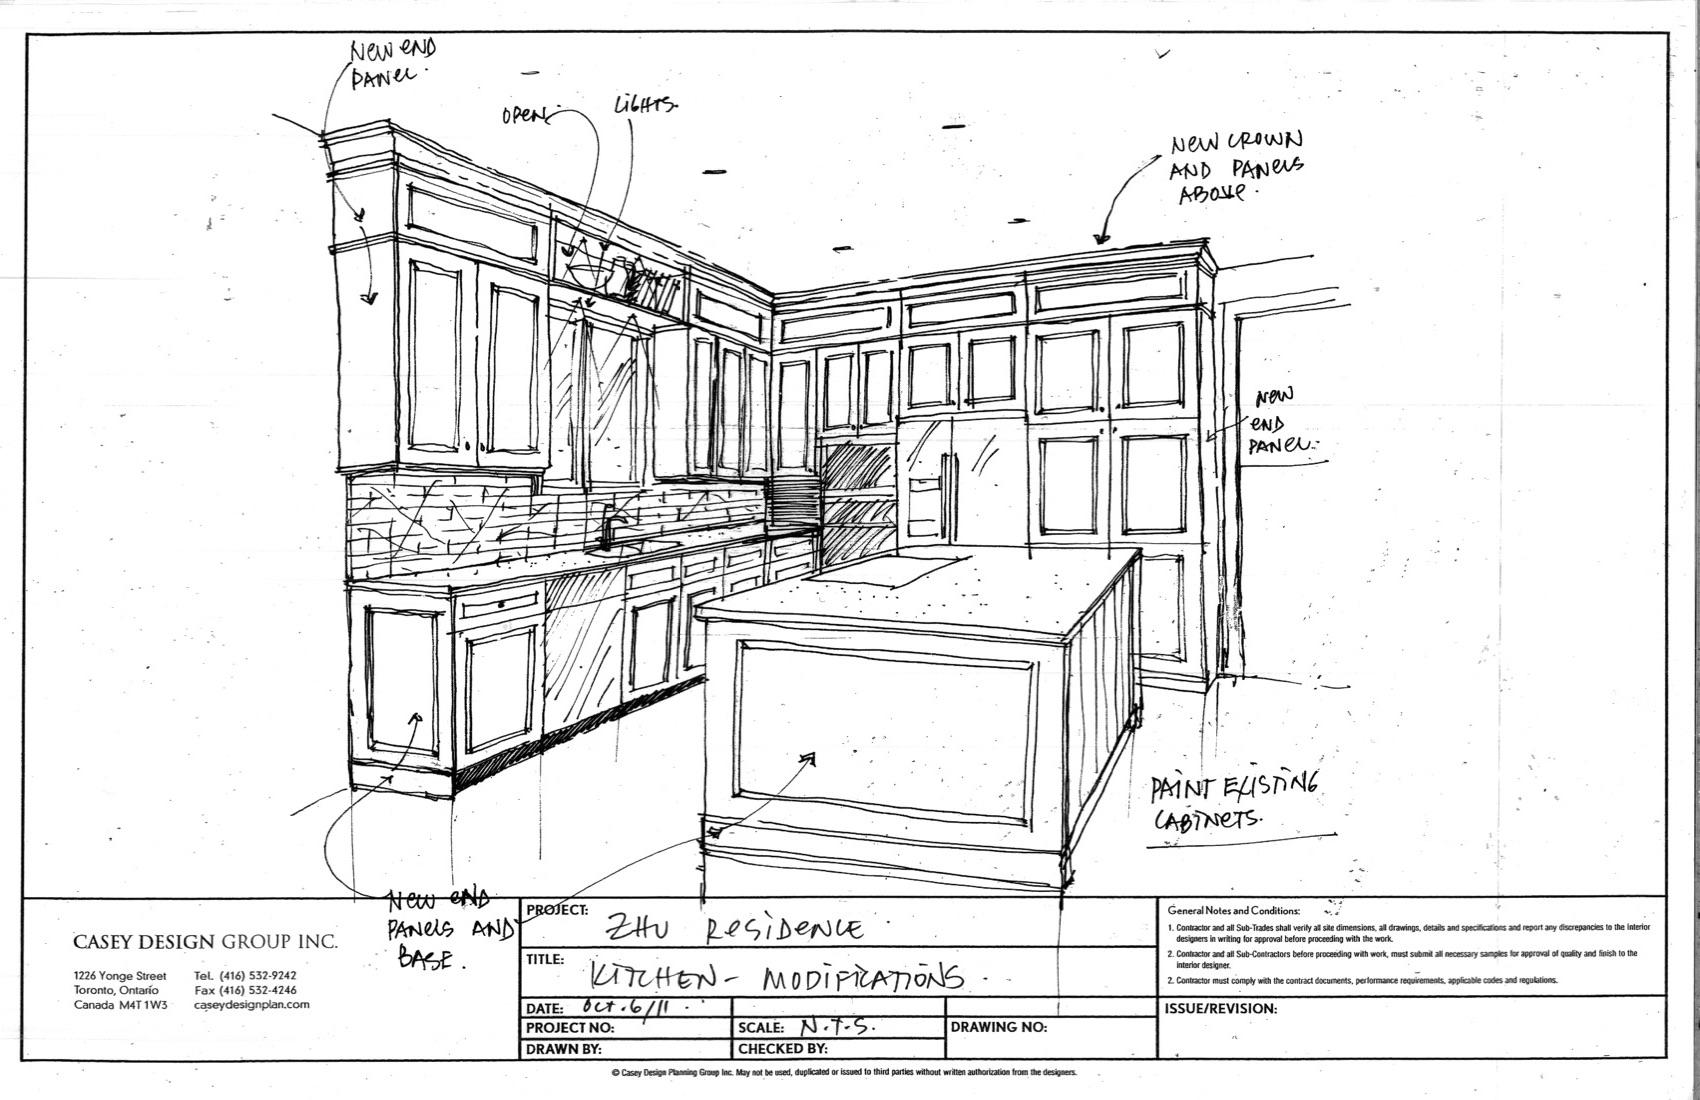 Zhu Kitchen Modifications 002.jpg